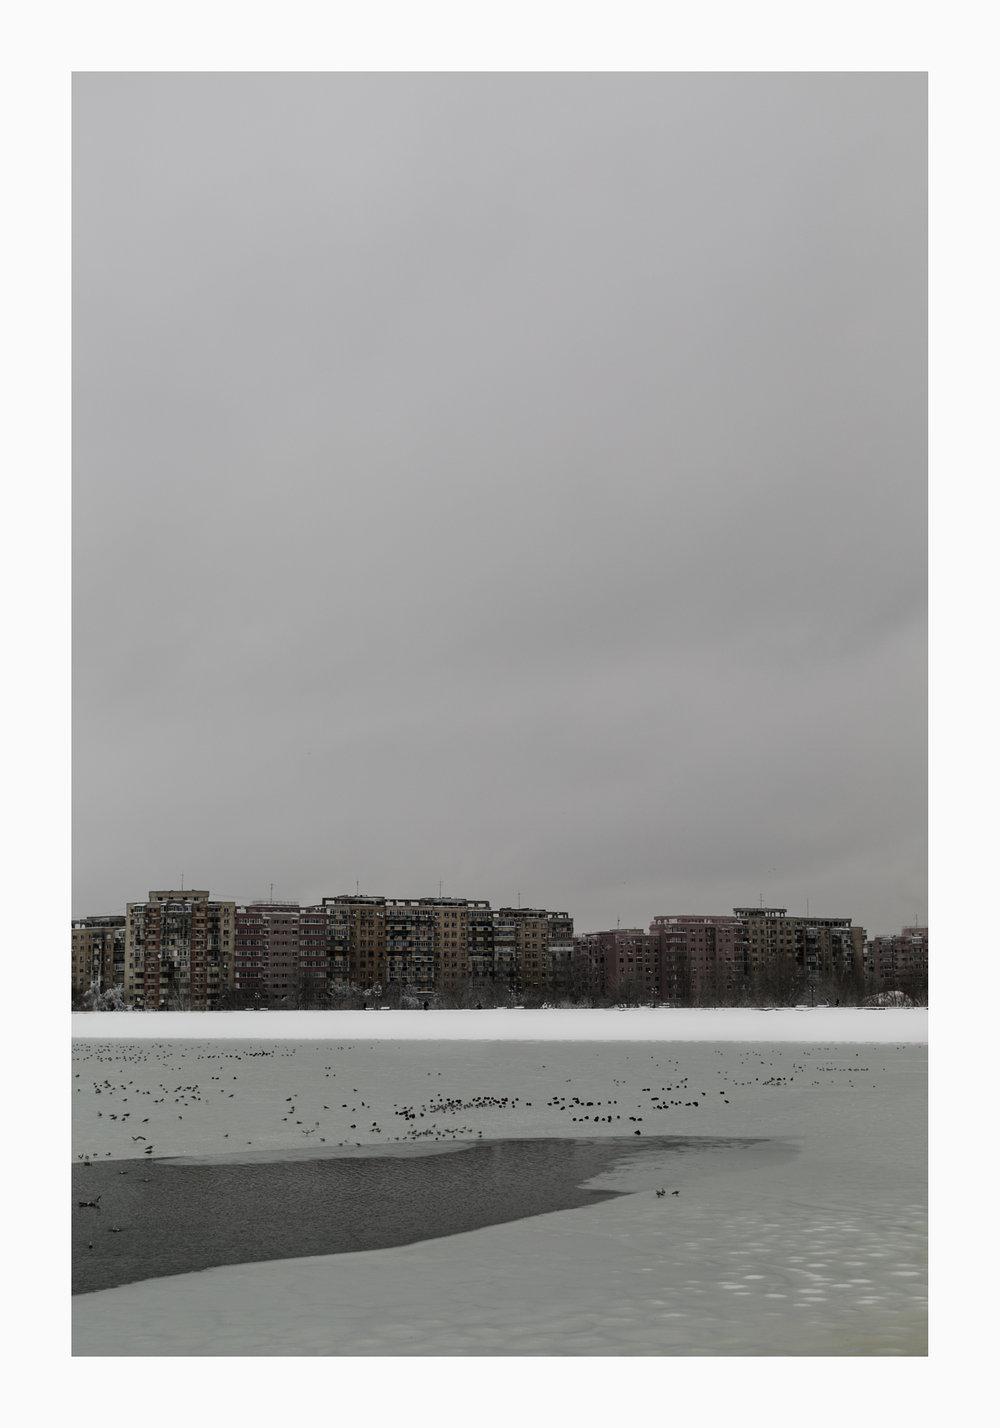 Sieranevada 4072